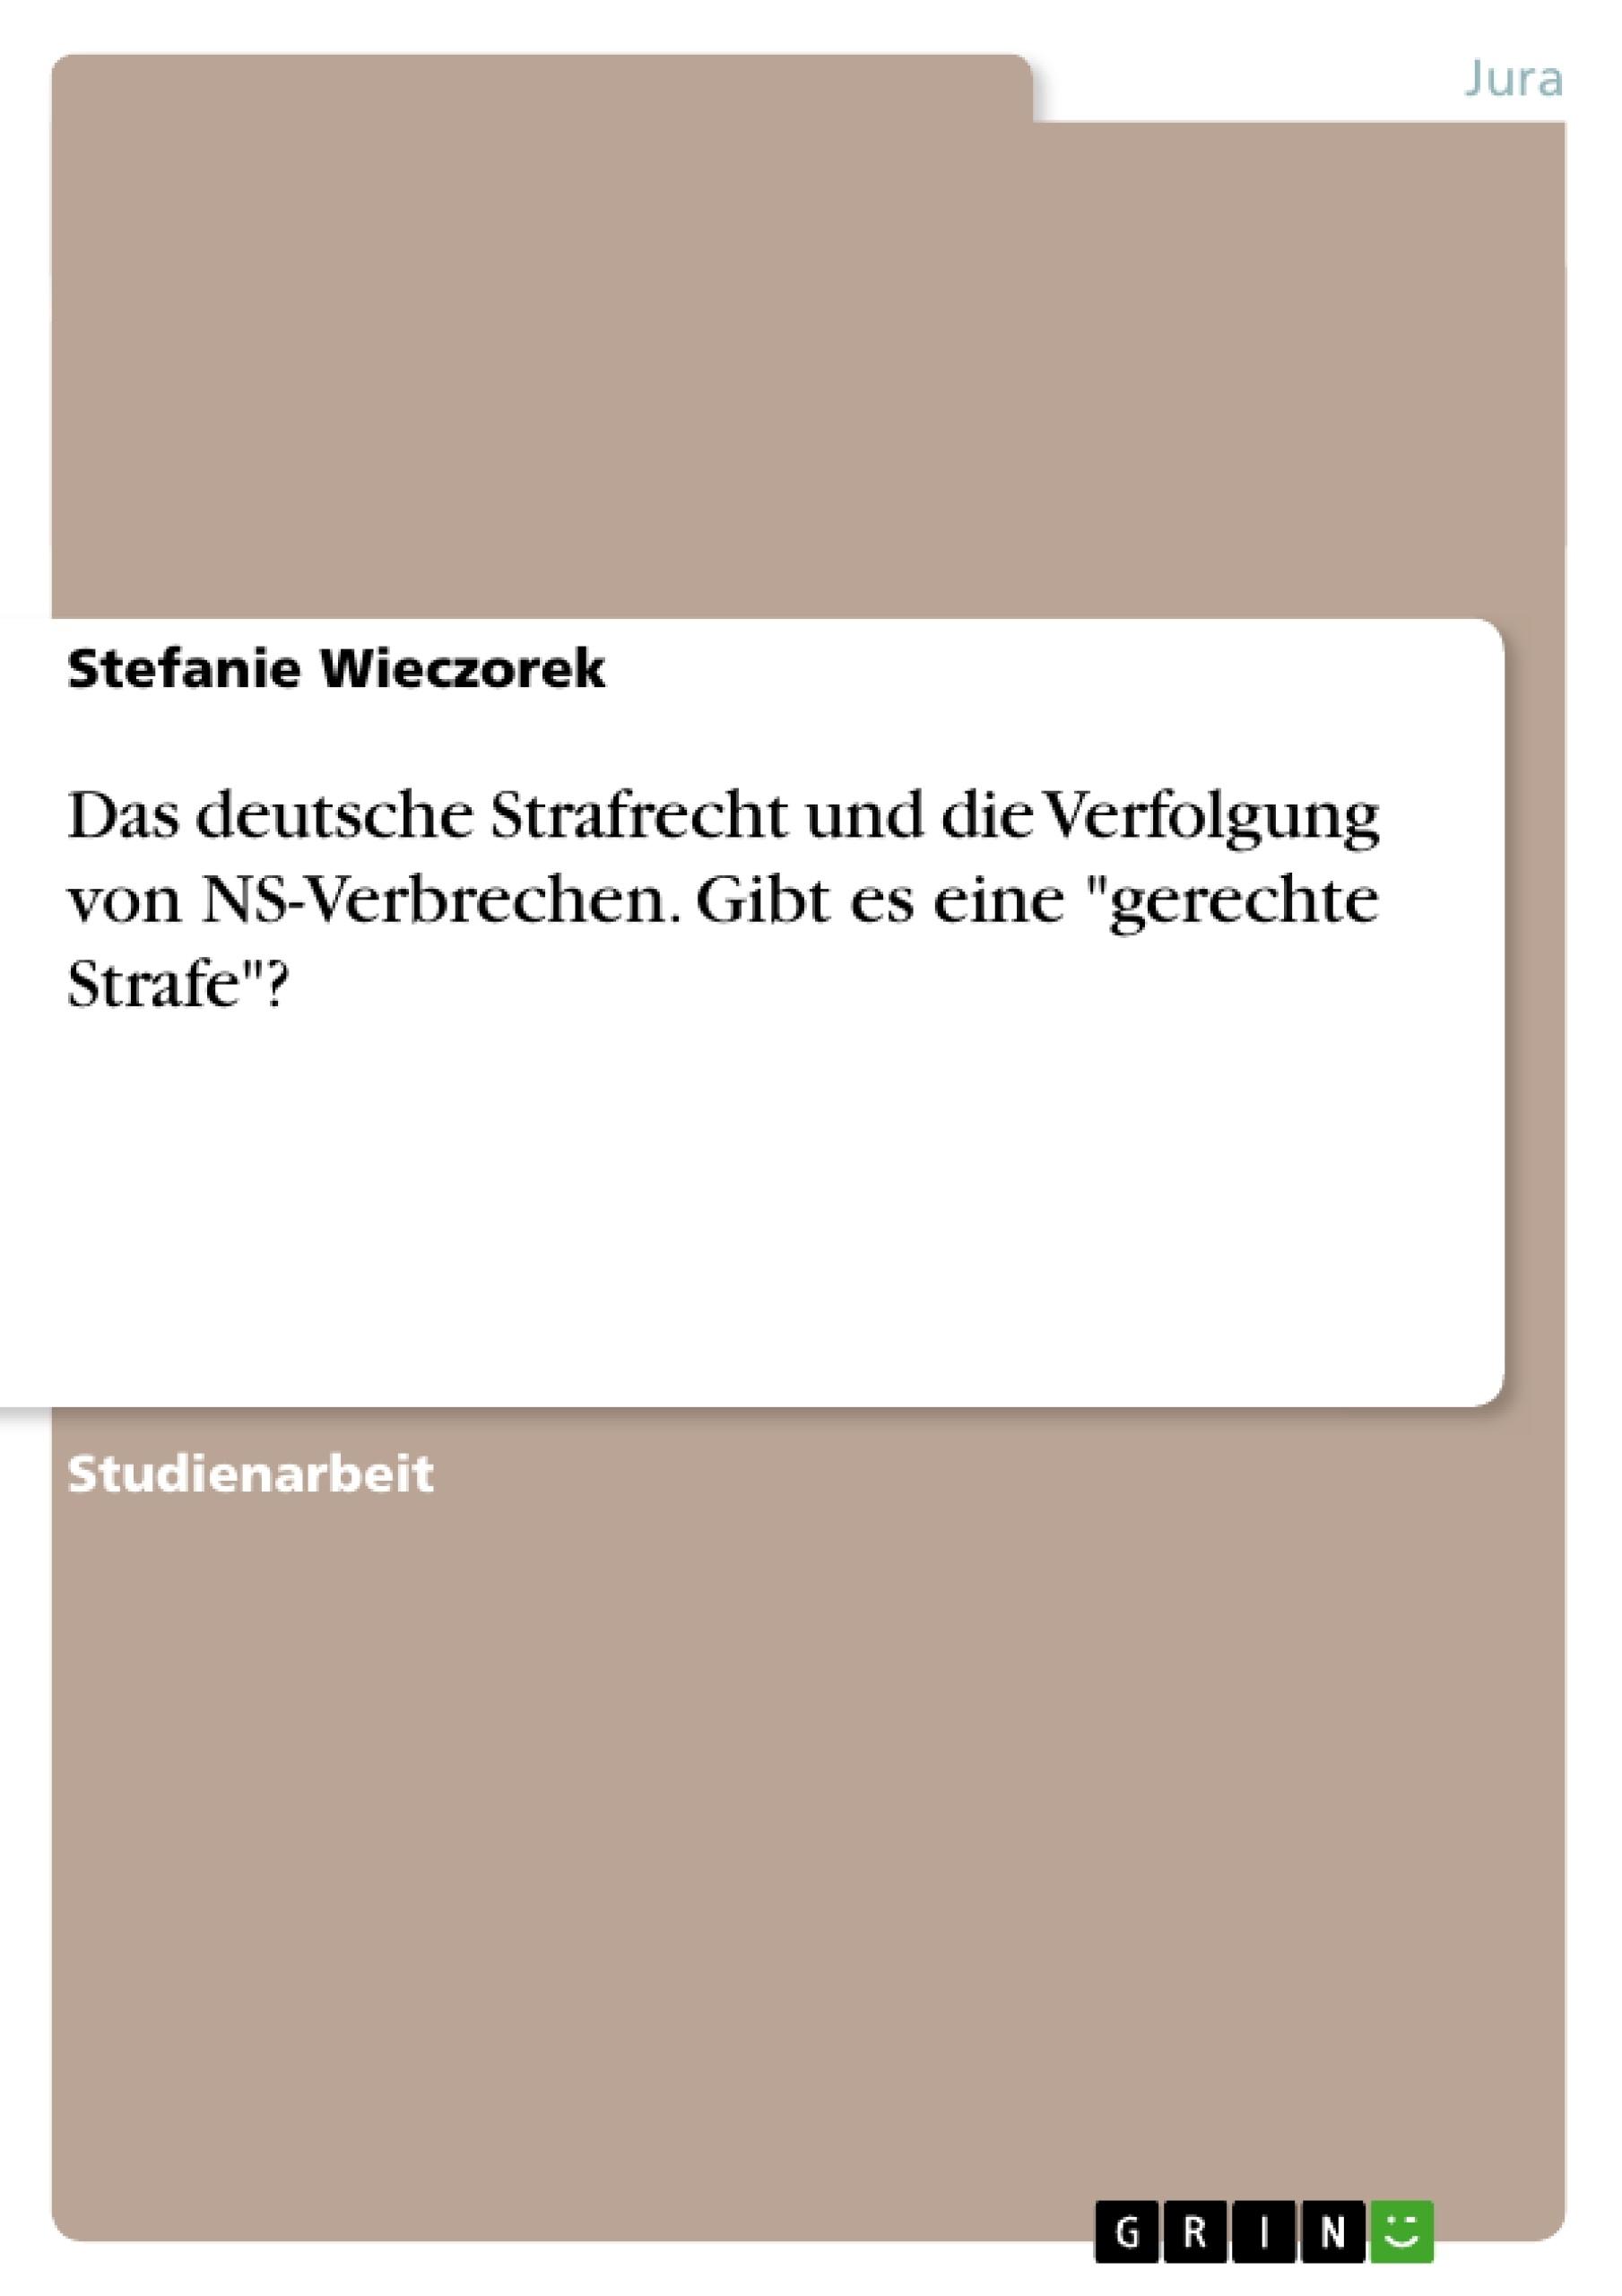 Das deutsche Strafrecht und die Verfolgung von NS-Verbrechen. Gibt ...